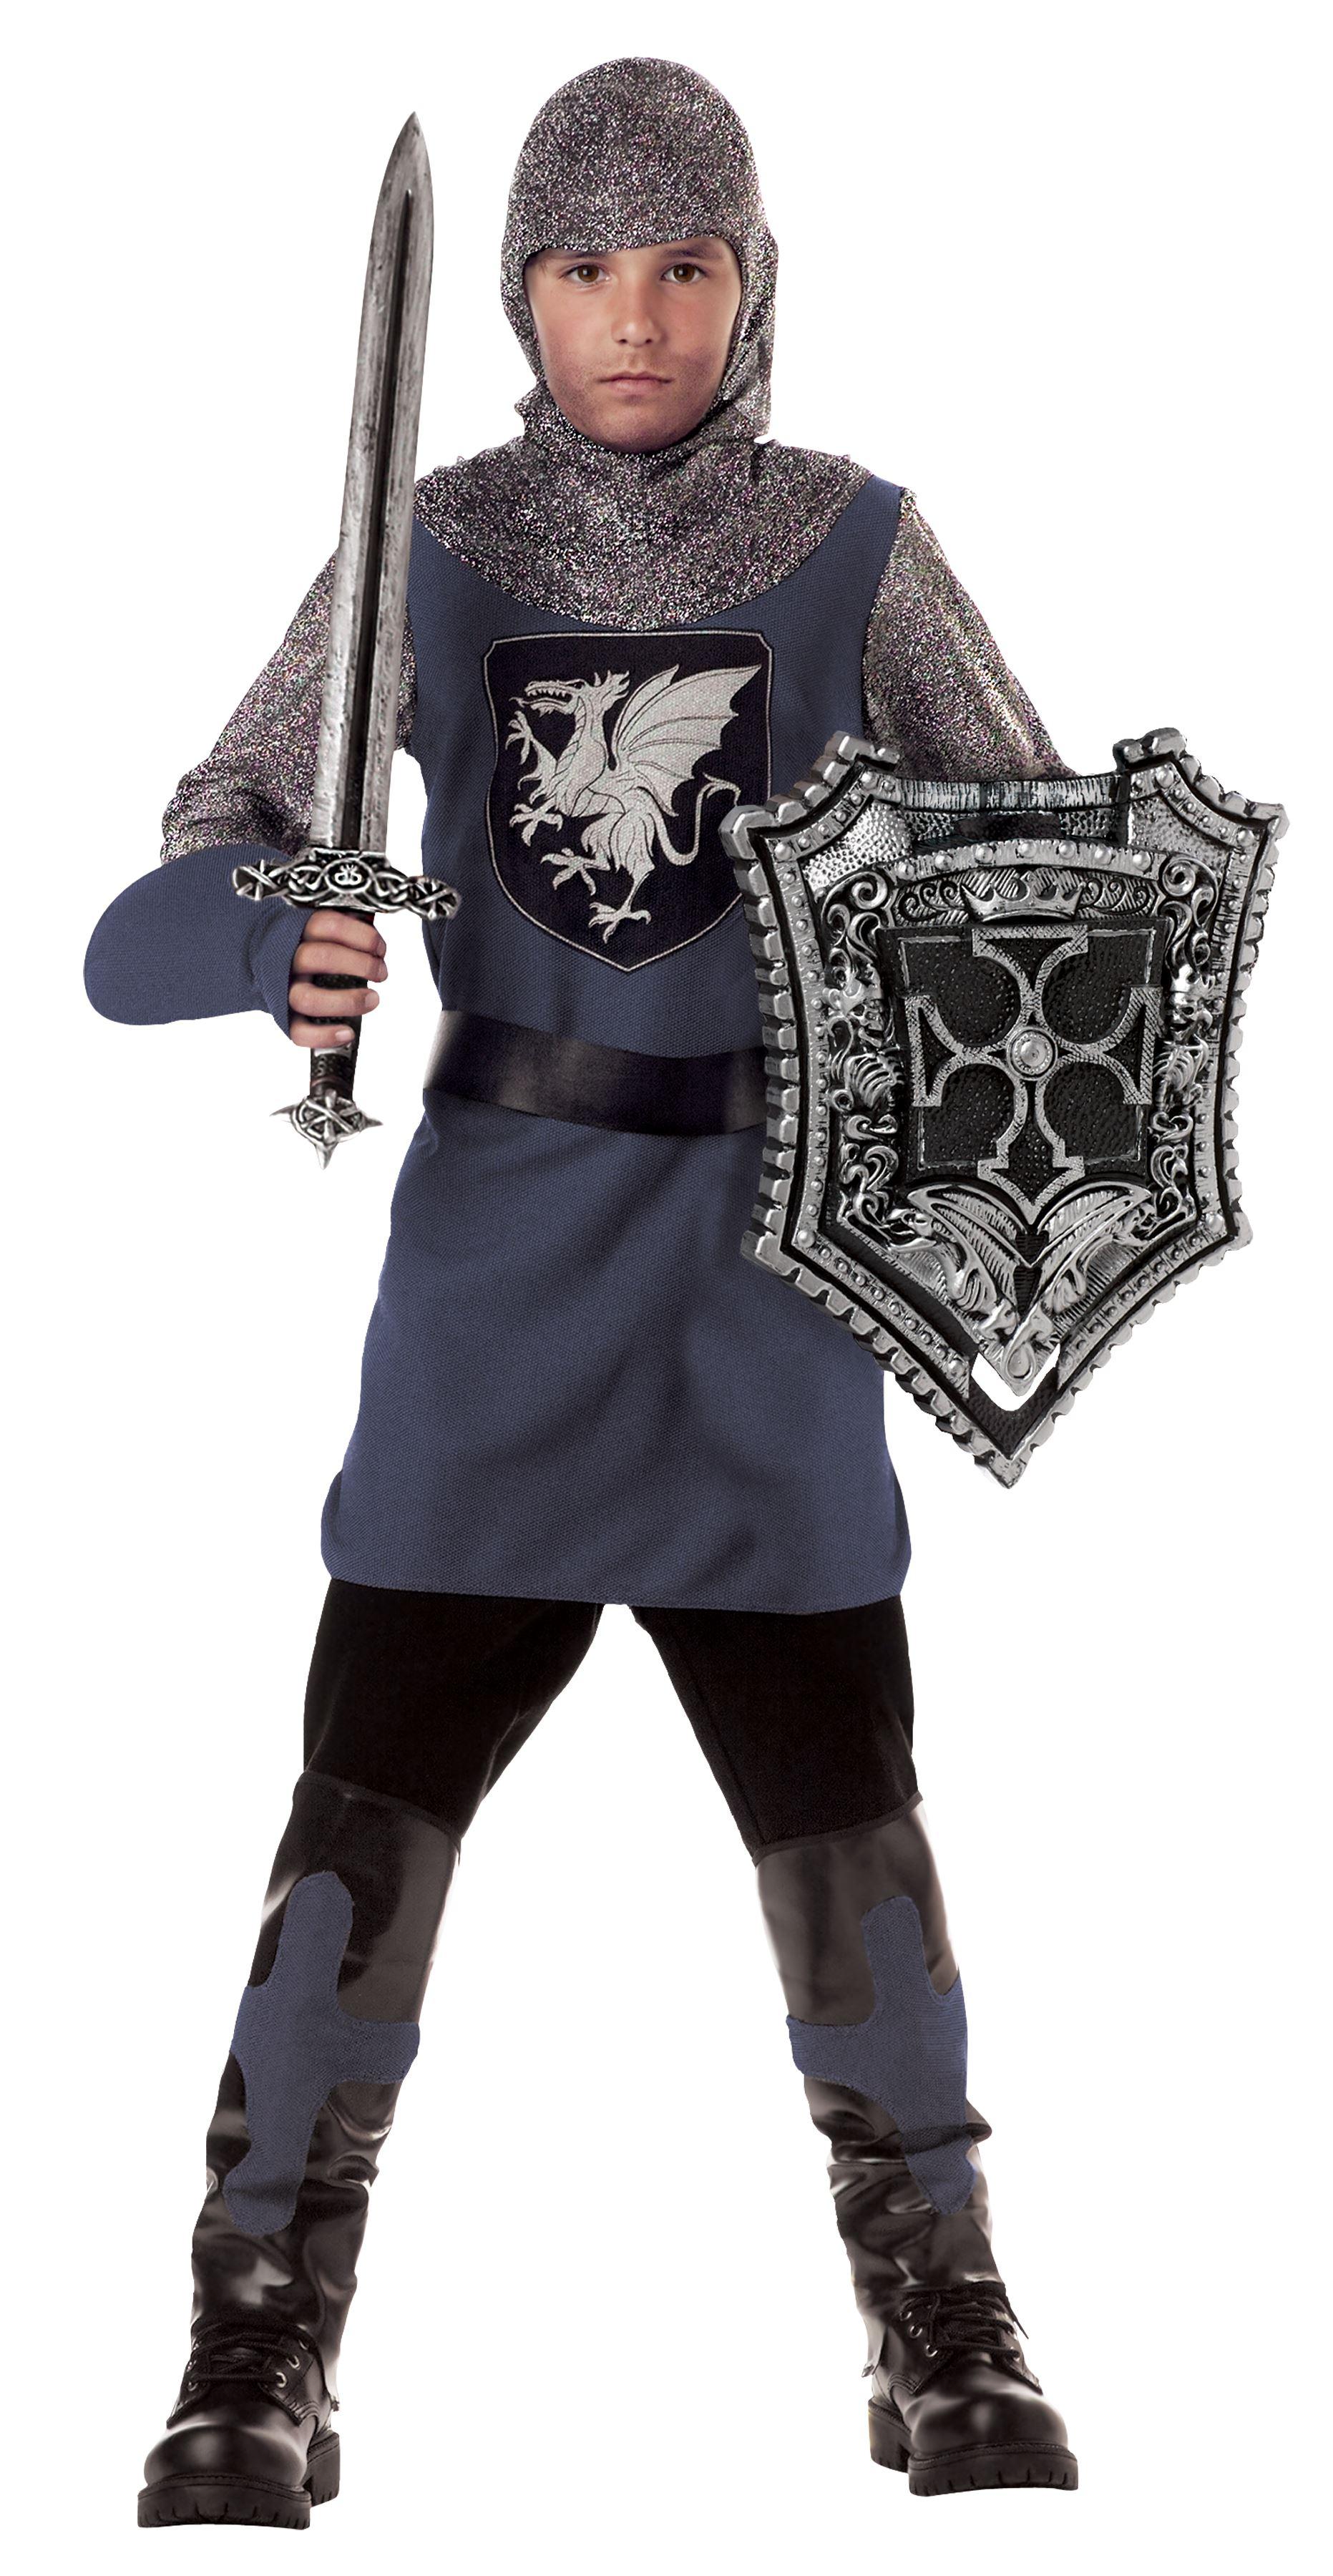 Новогодний костюм для мальчика рыцарь своими руками фото